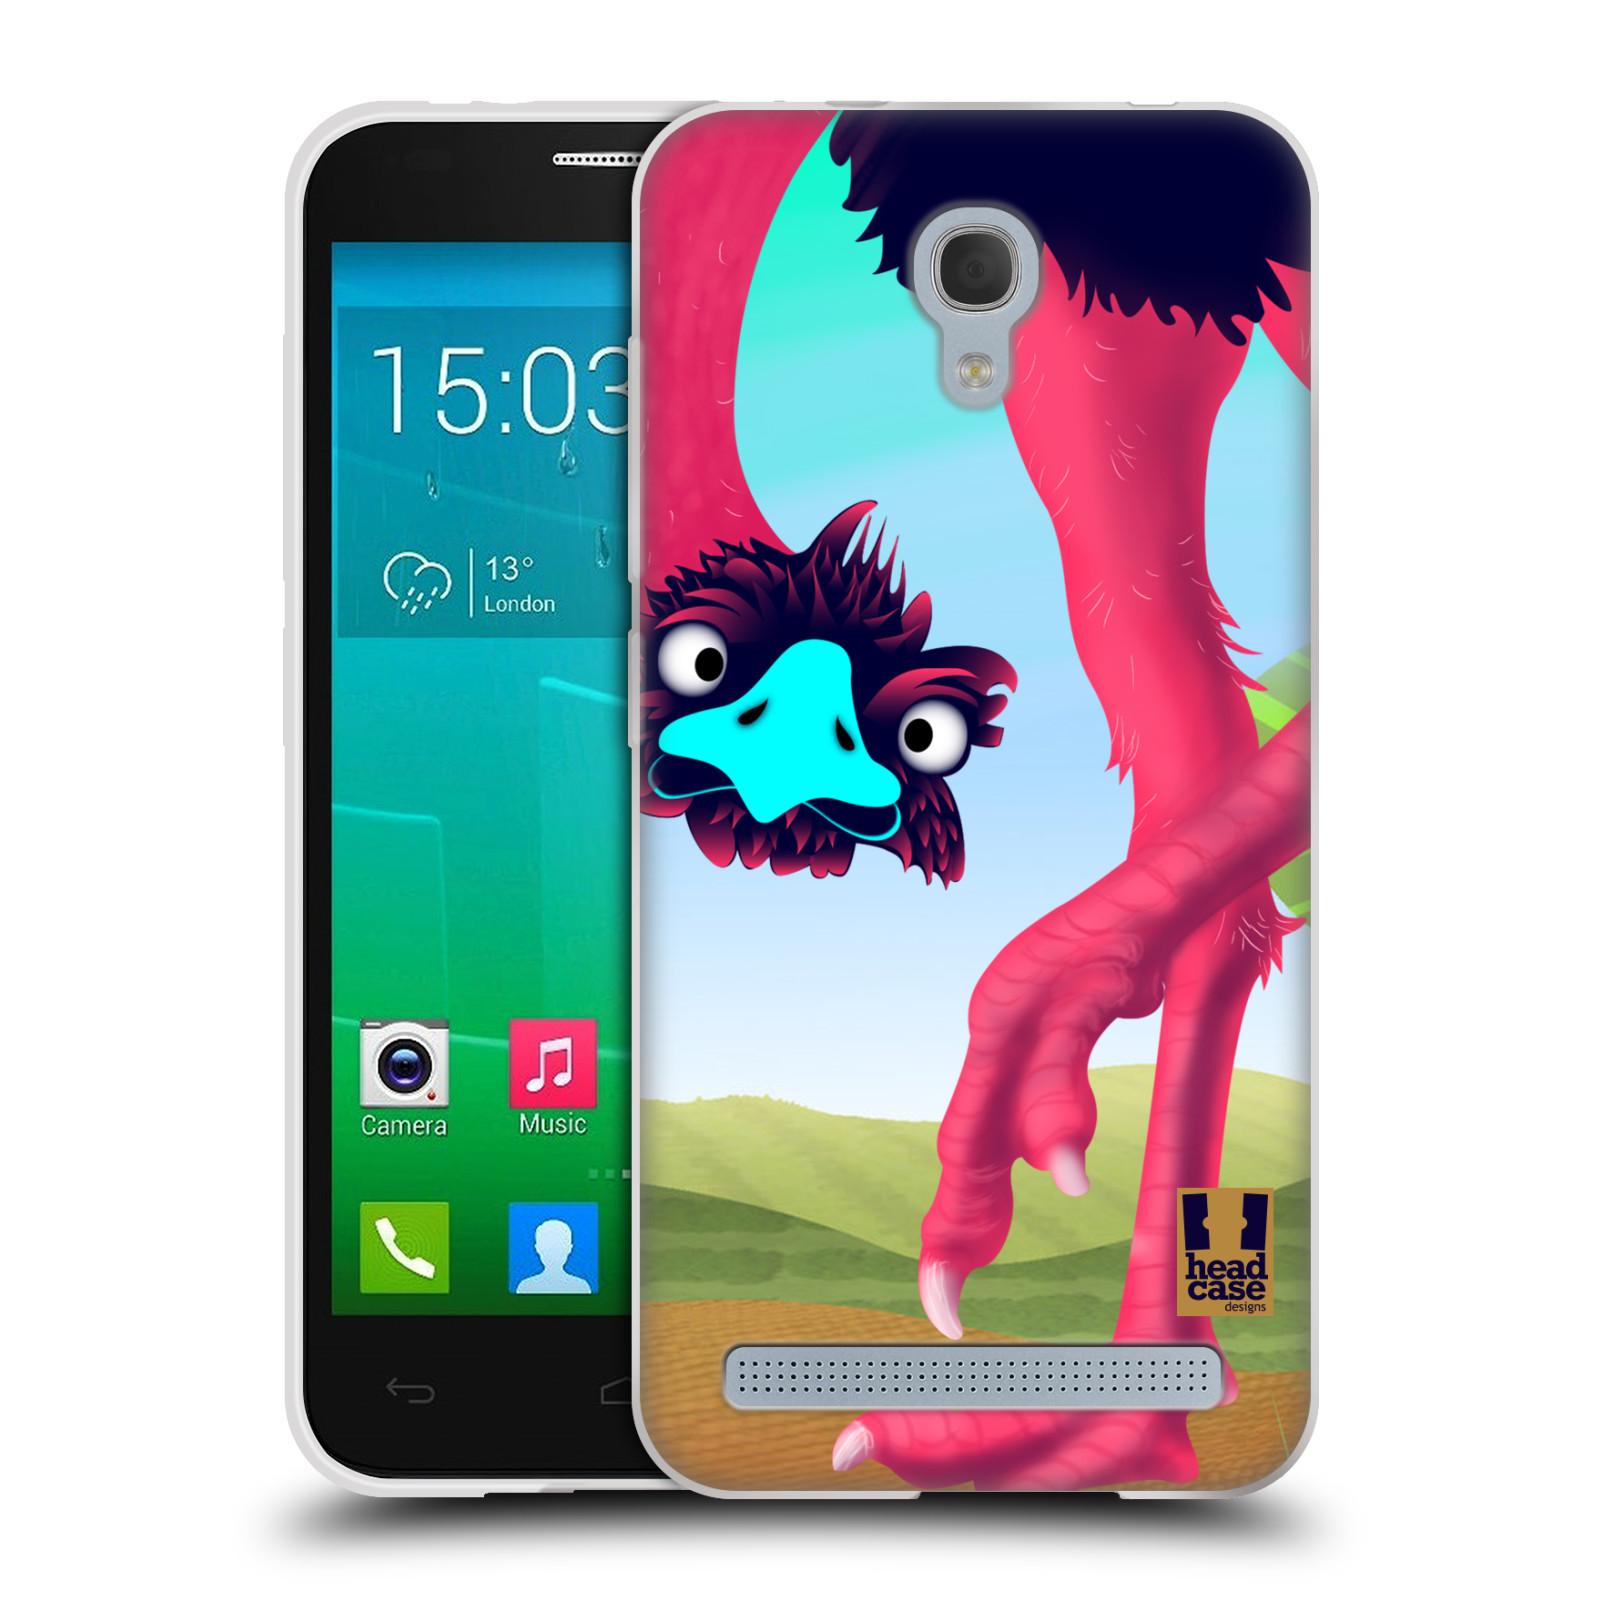 HEAD CASE silikonový obal na mobil Alcatel Idol 2 MINI S 6036Y vzor dlouhé nohy kreslená zvířátka pštros